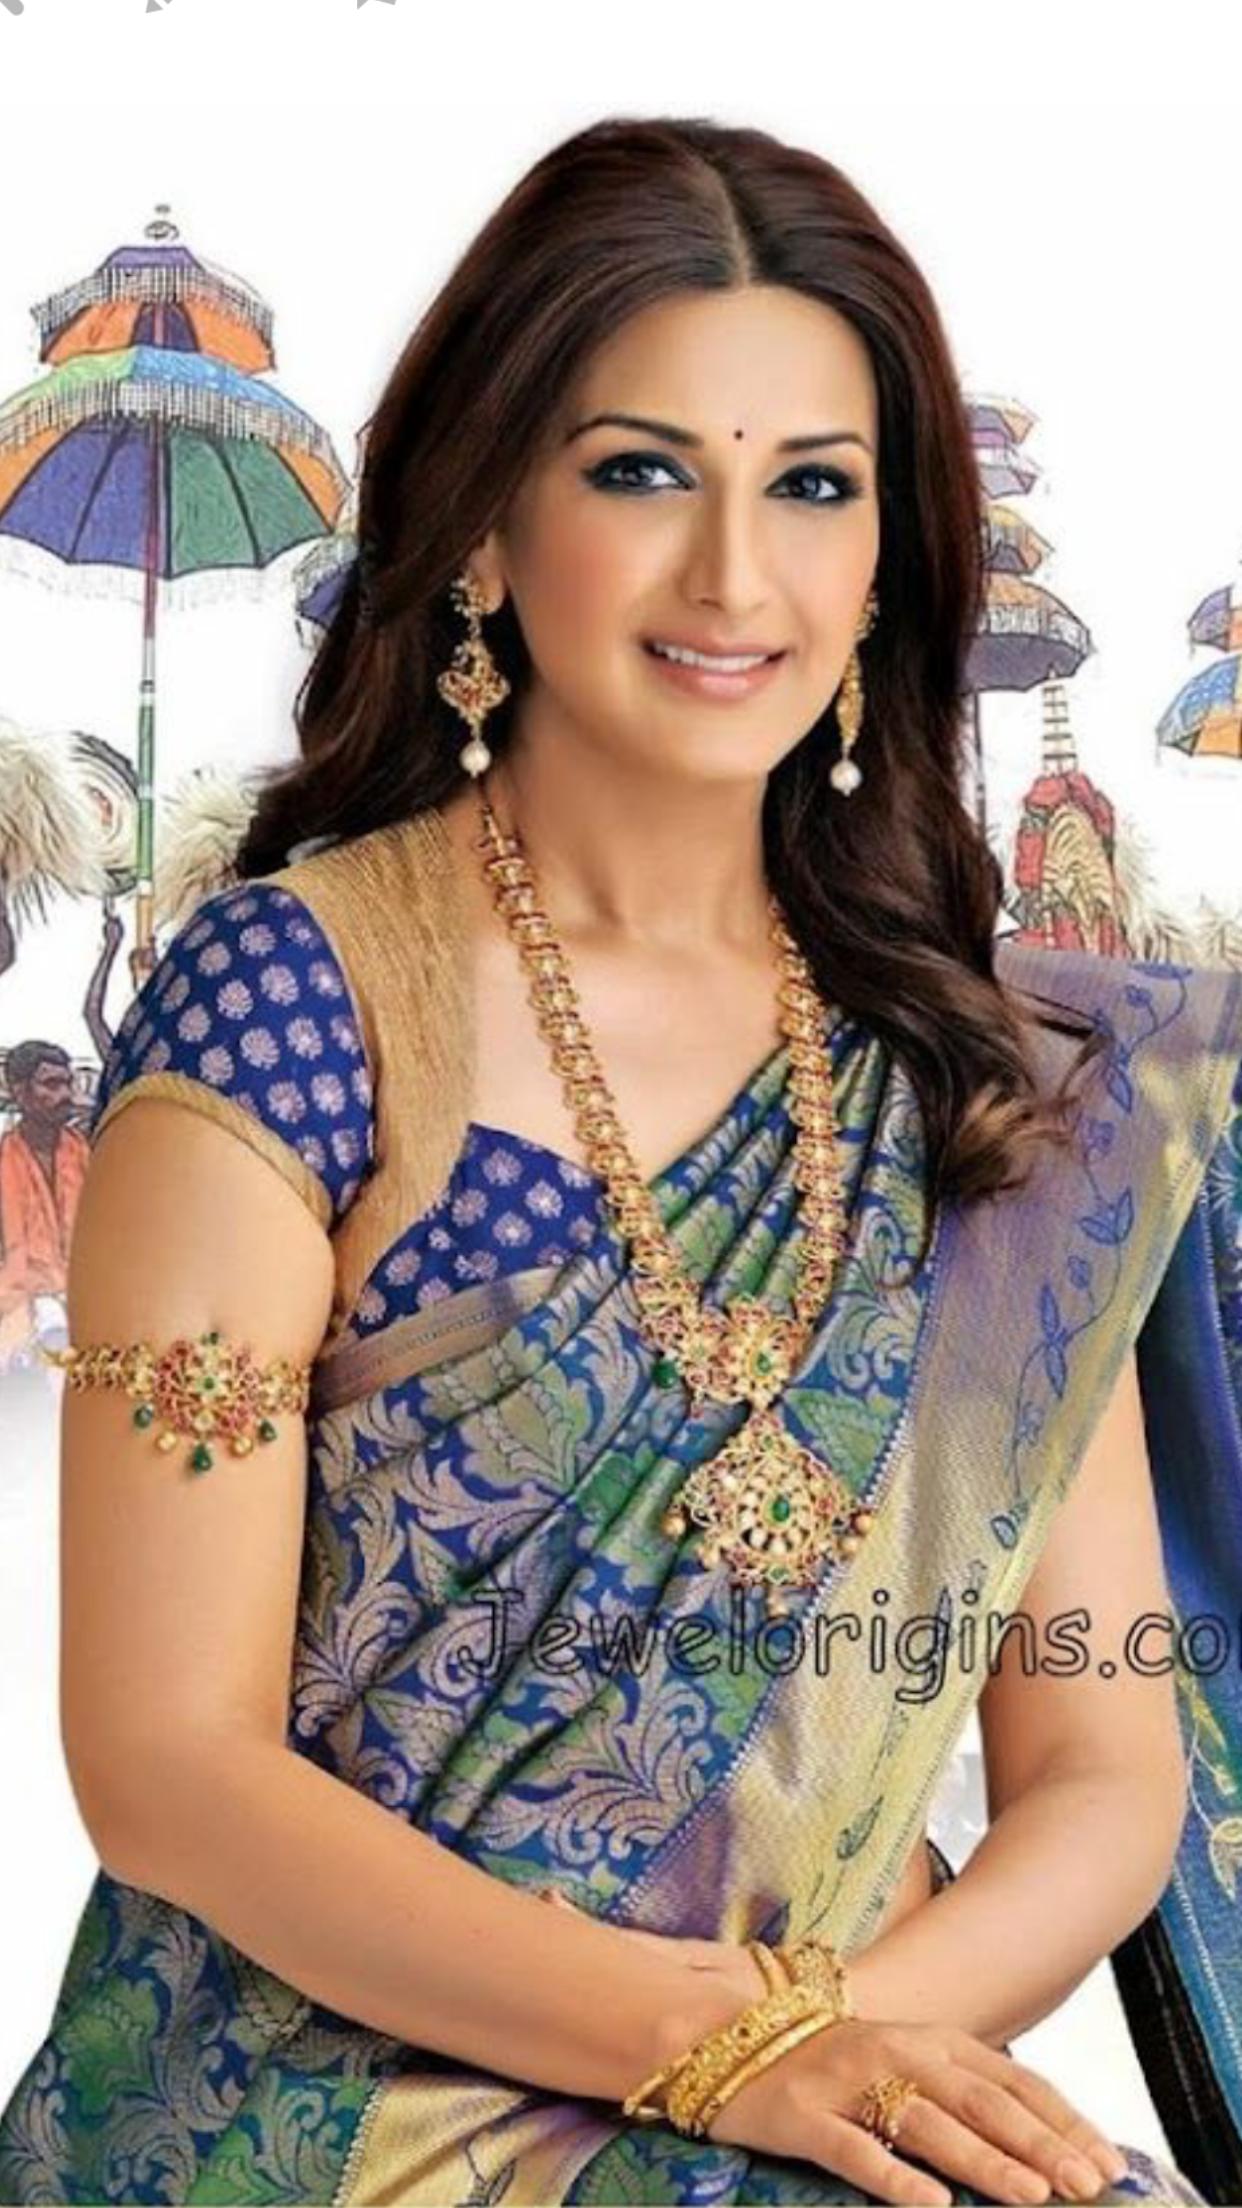 Pretty Sonali Bendre In Silk Saree And Wearing Attractive -2160